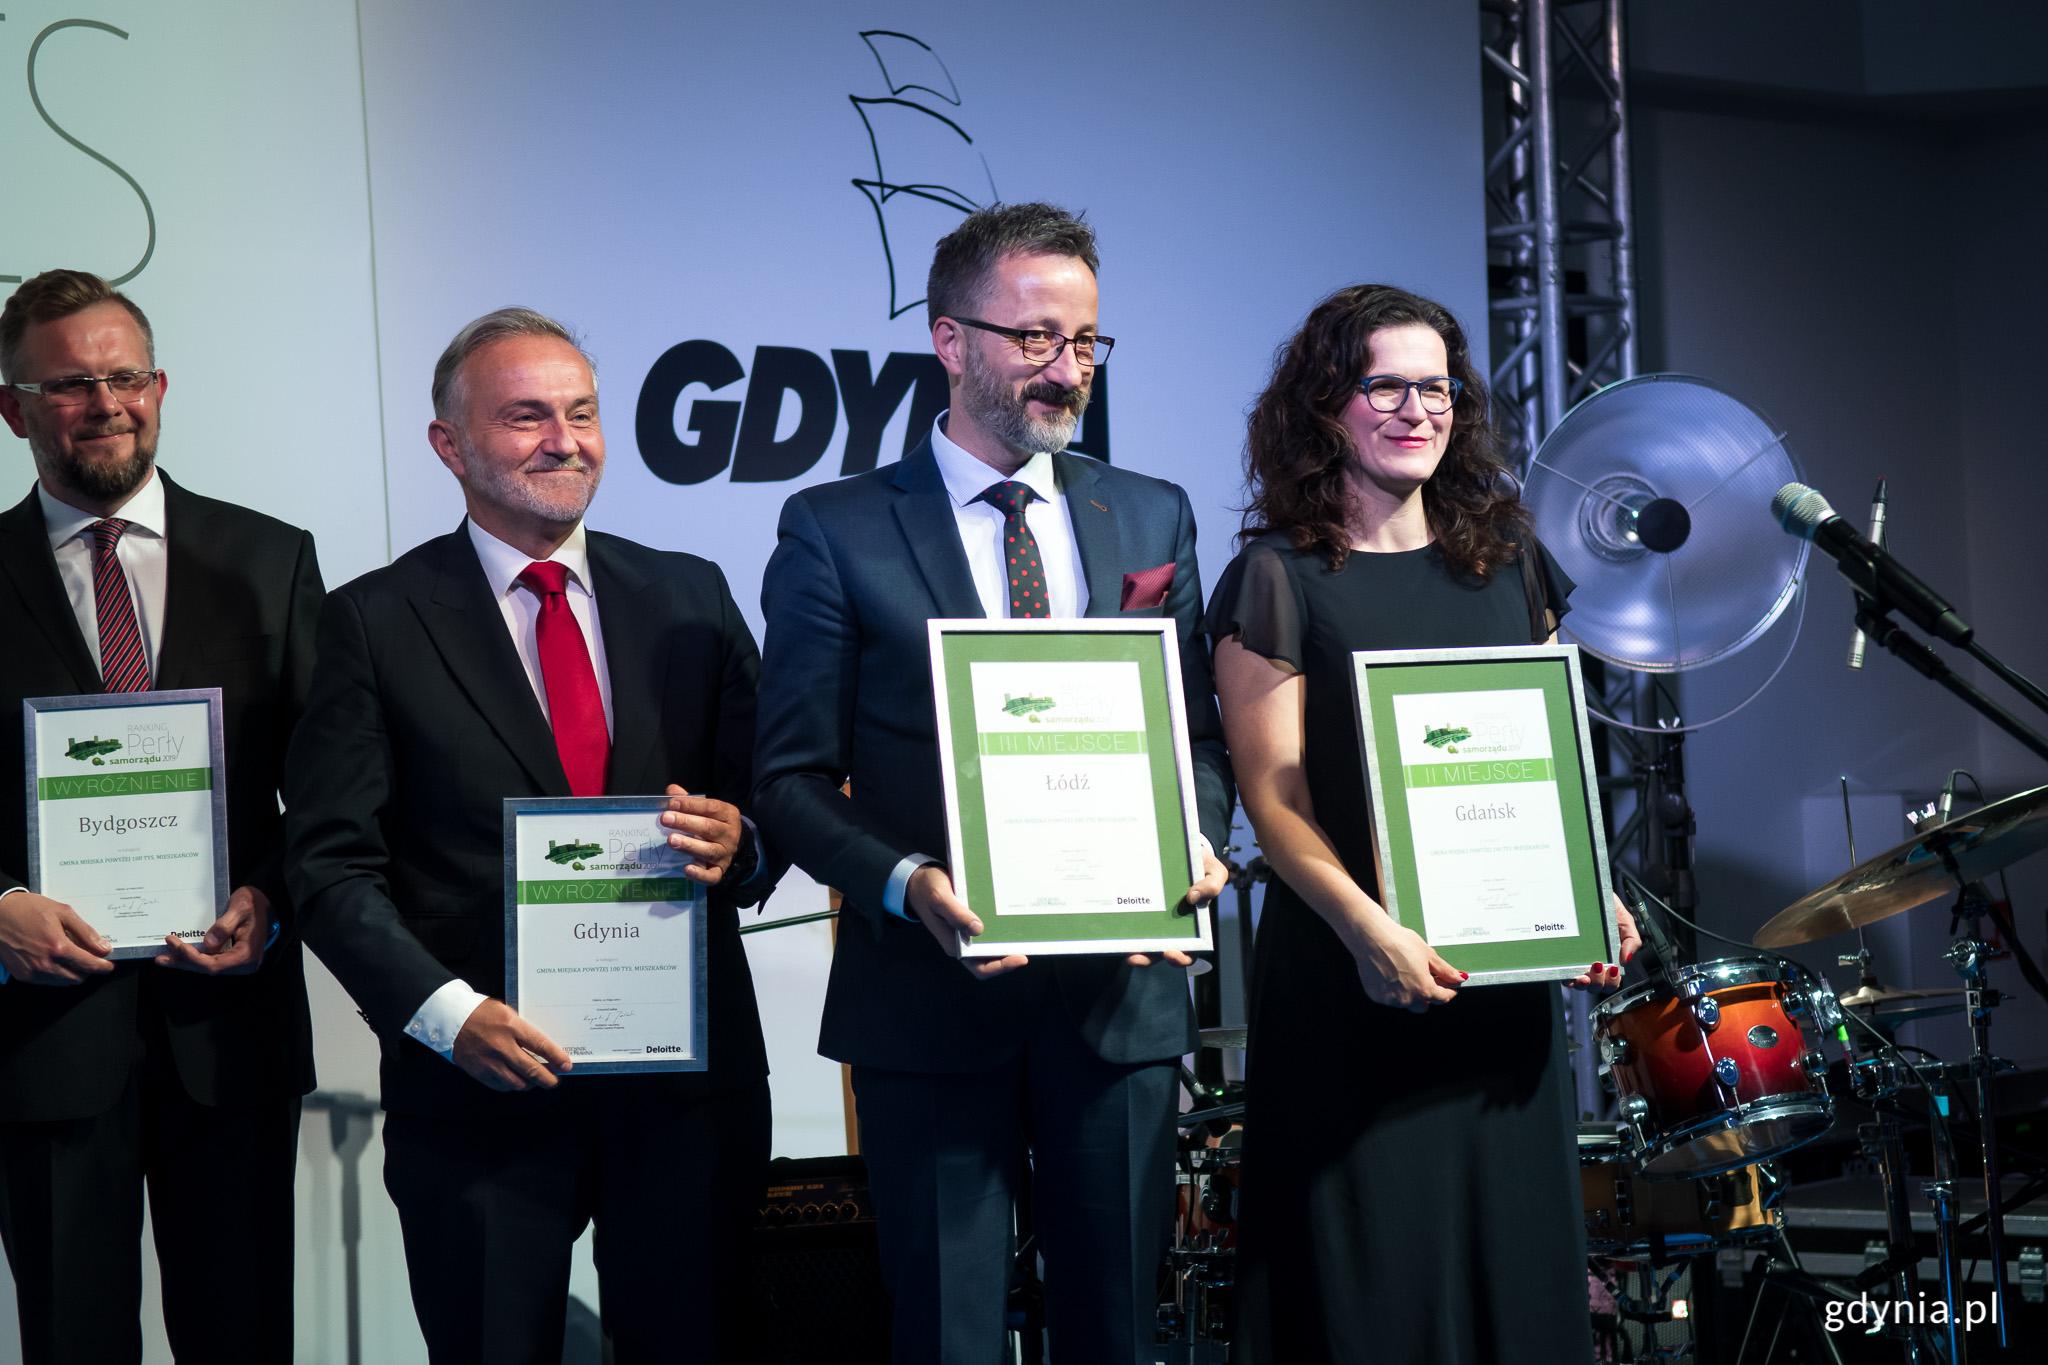 Na czwartkowej gali Gdynię wyróżniono m.in. za 4. miejsce w ogólnopolskim rankingu samorządów - wyróżnienie odebrał prezydent Wojciech Szczurek, fot. Dawid Linkowski